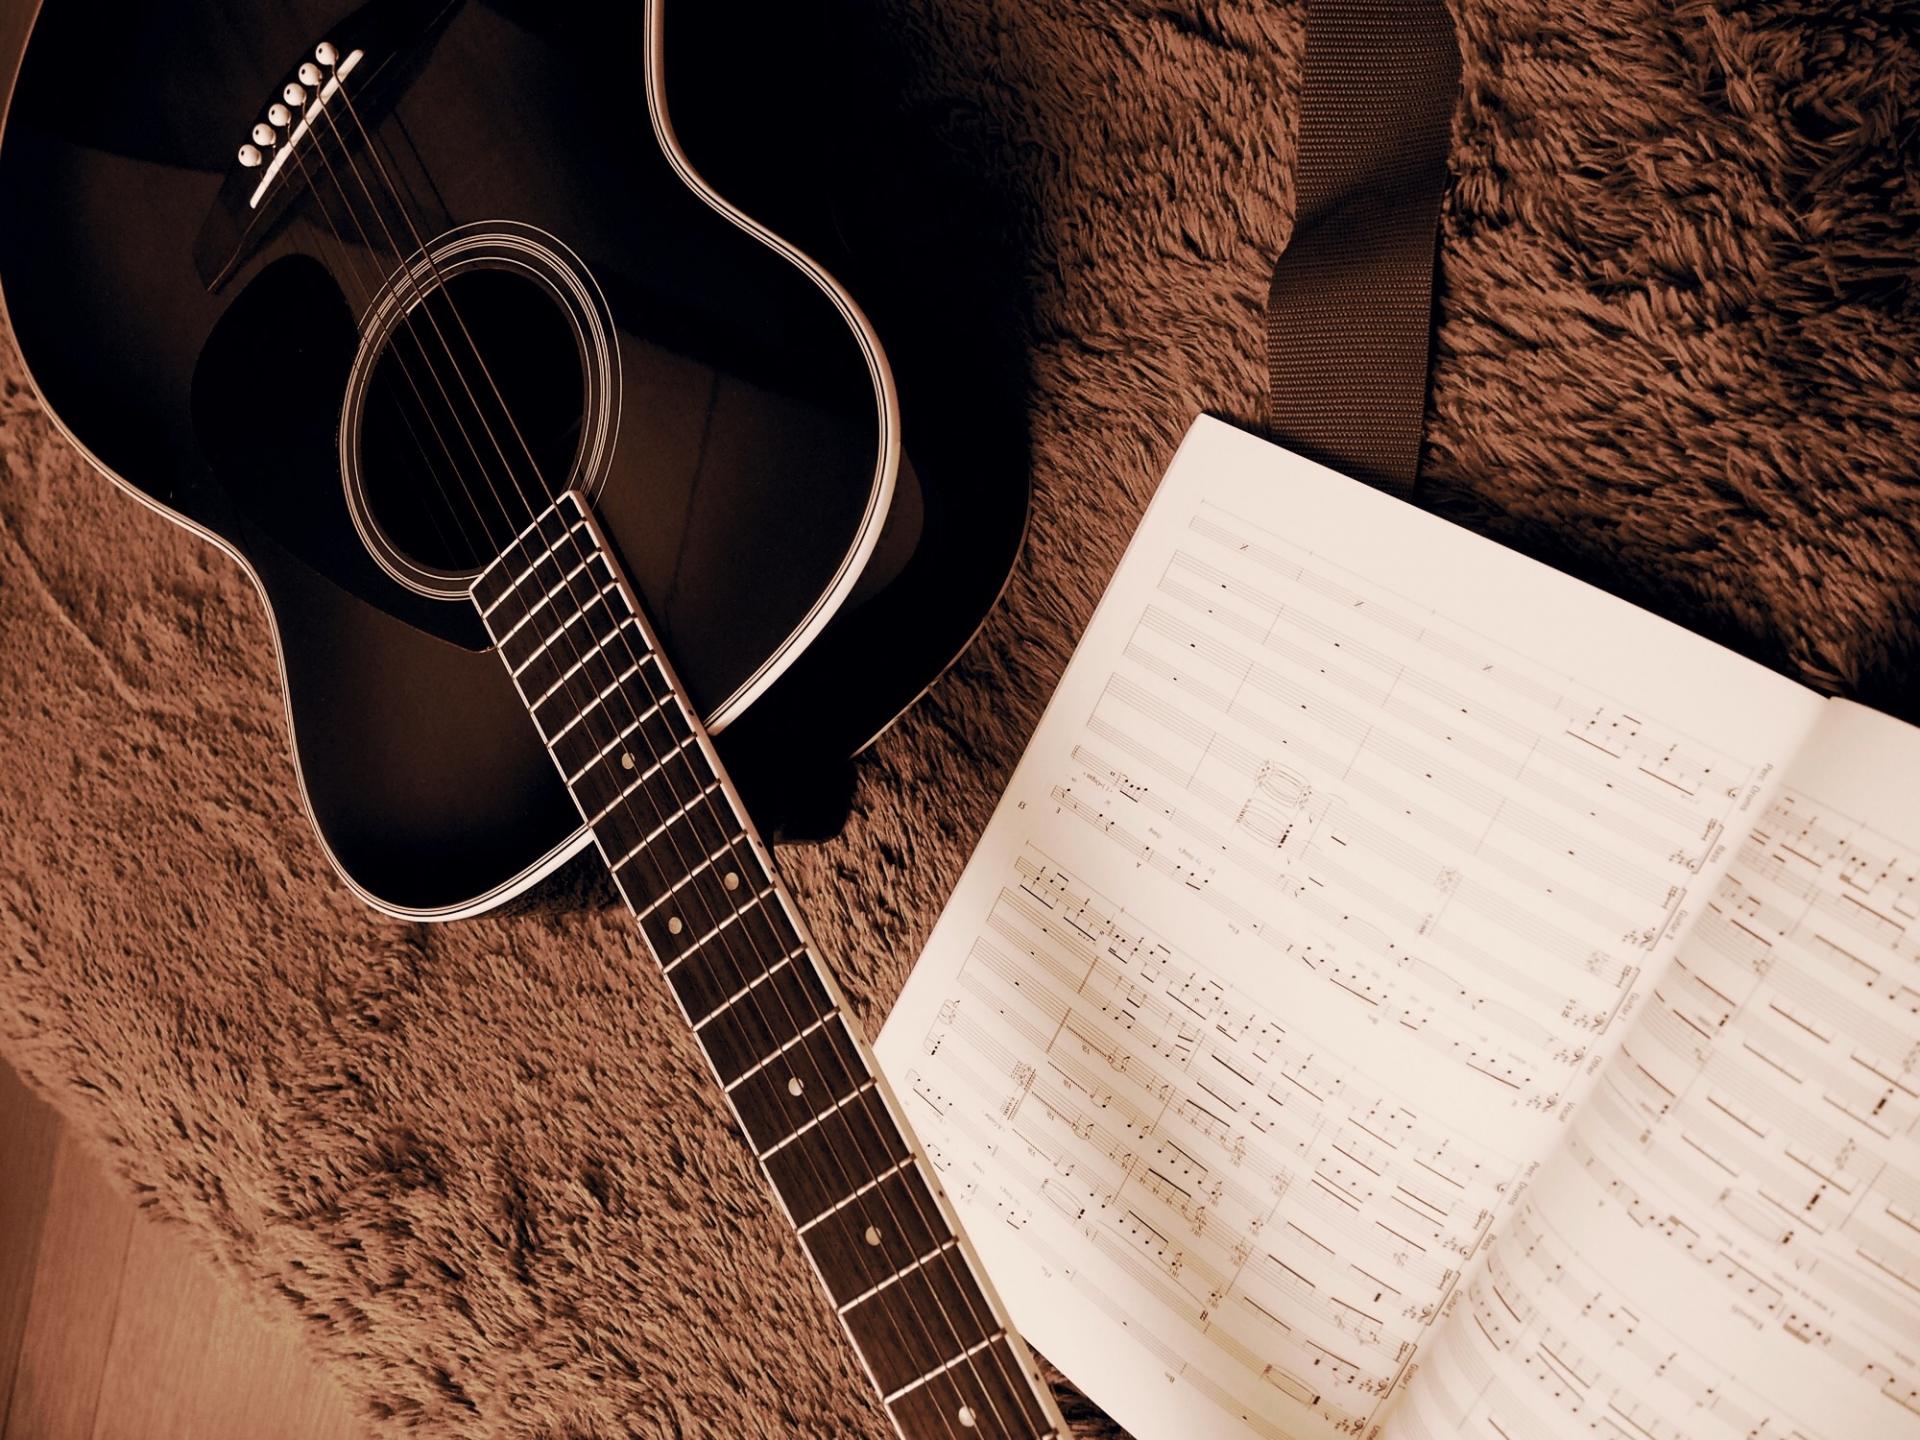 アコースティックギターのコードと初心者におすすめ曲